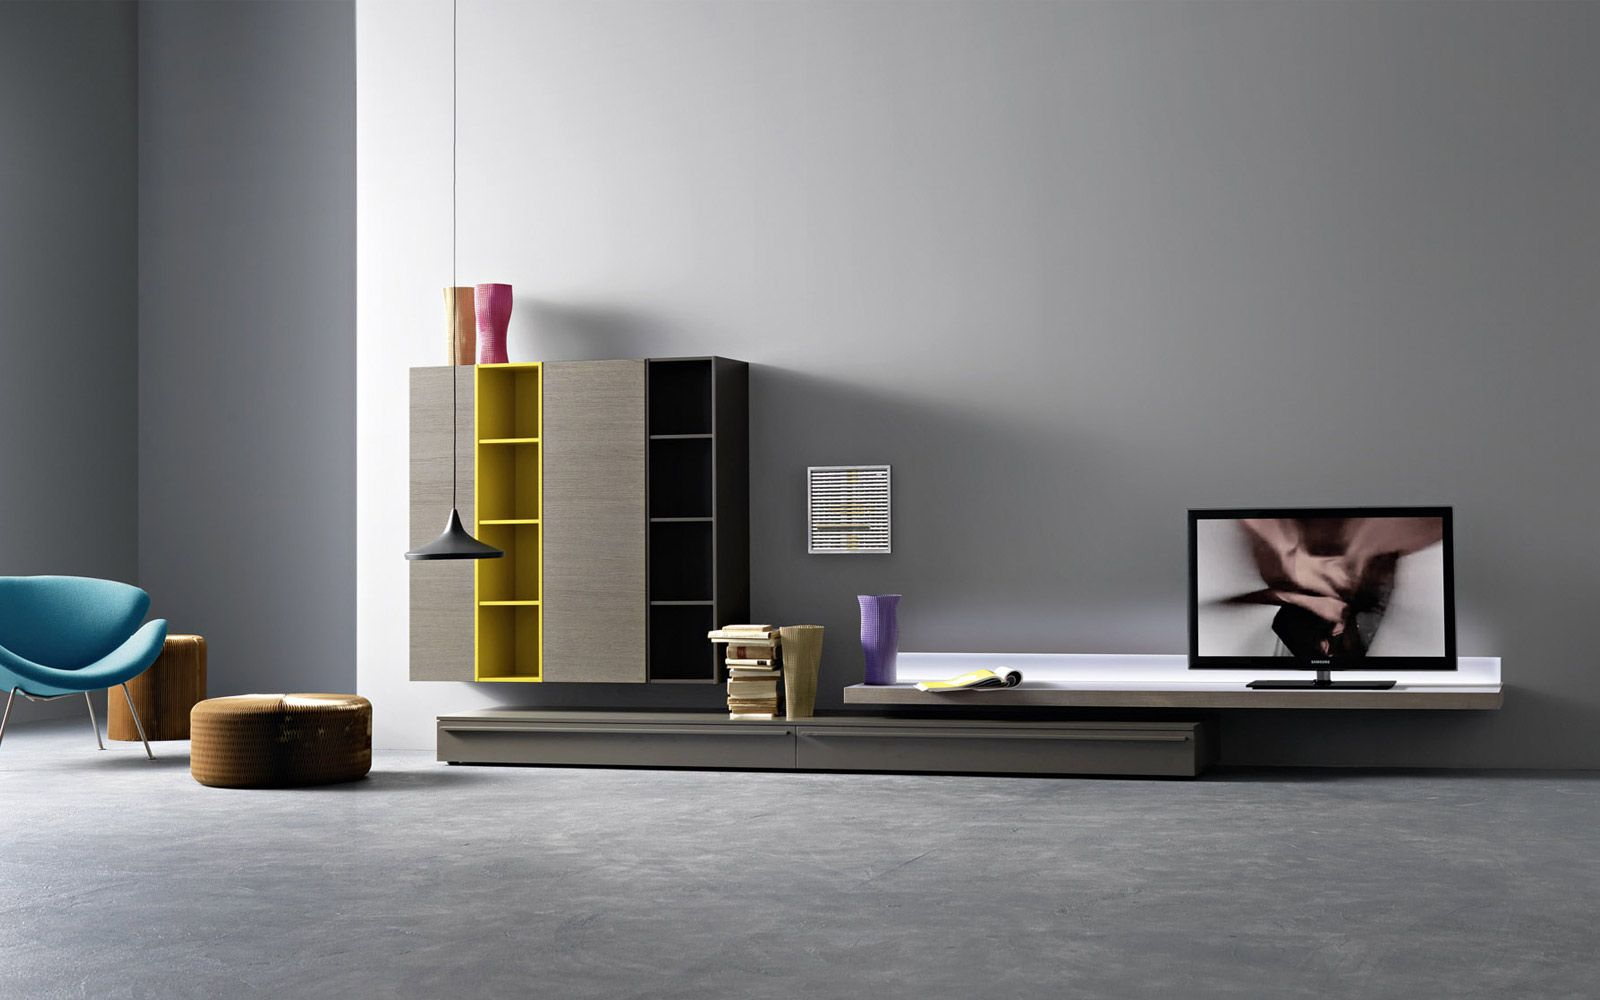 TV Wand Lampo L2-17 - Möbel / Wohnzimmermöbel / Möbel für ...